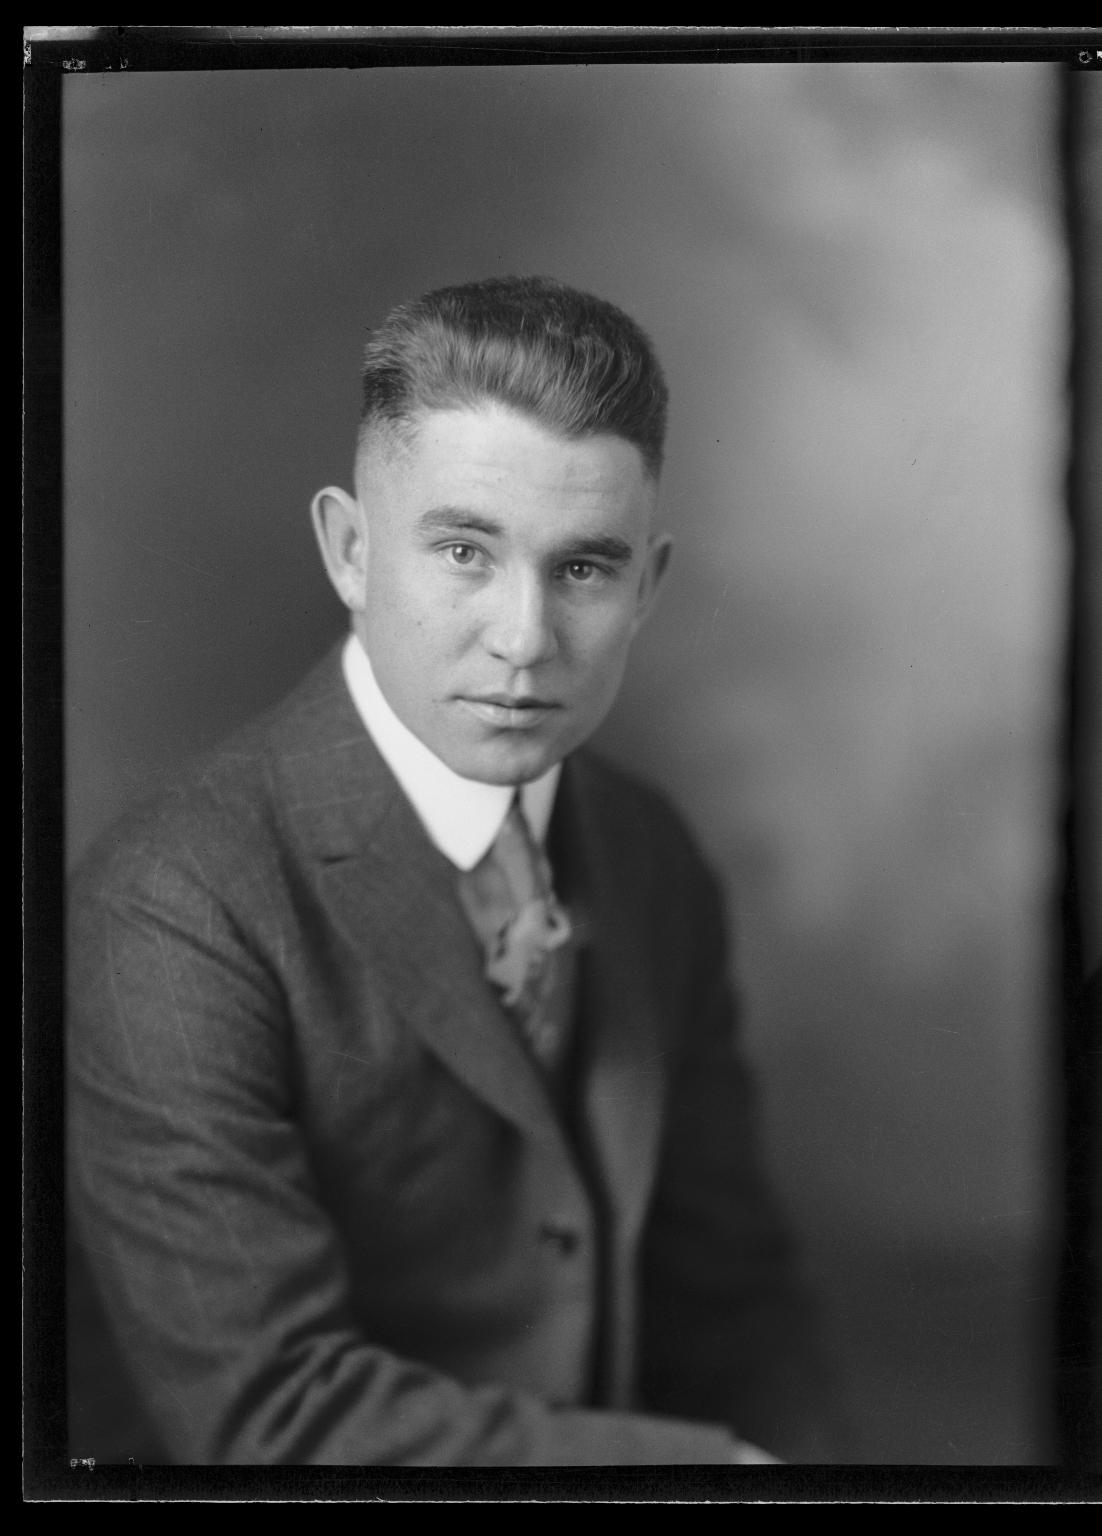 Portraits of B. M. Jones